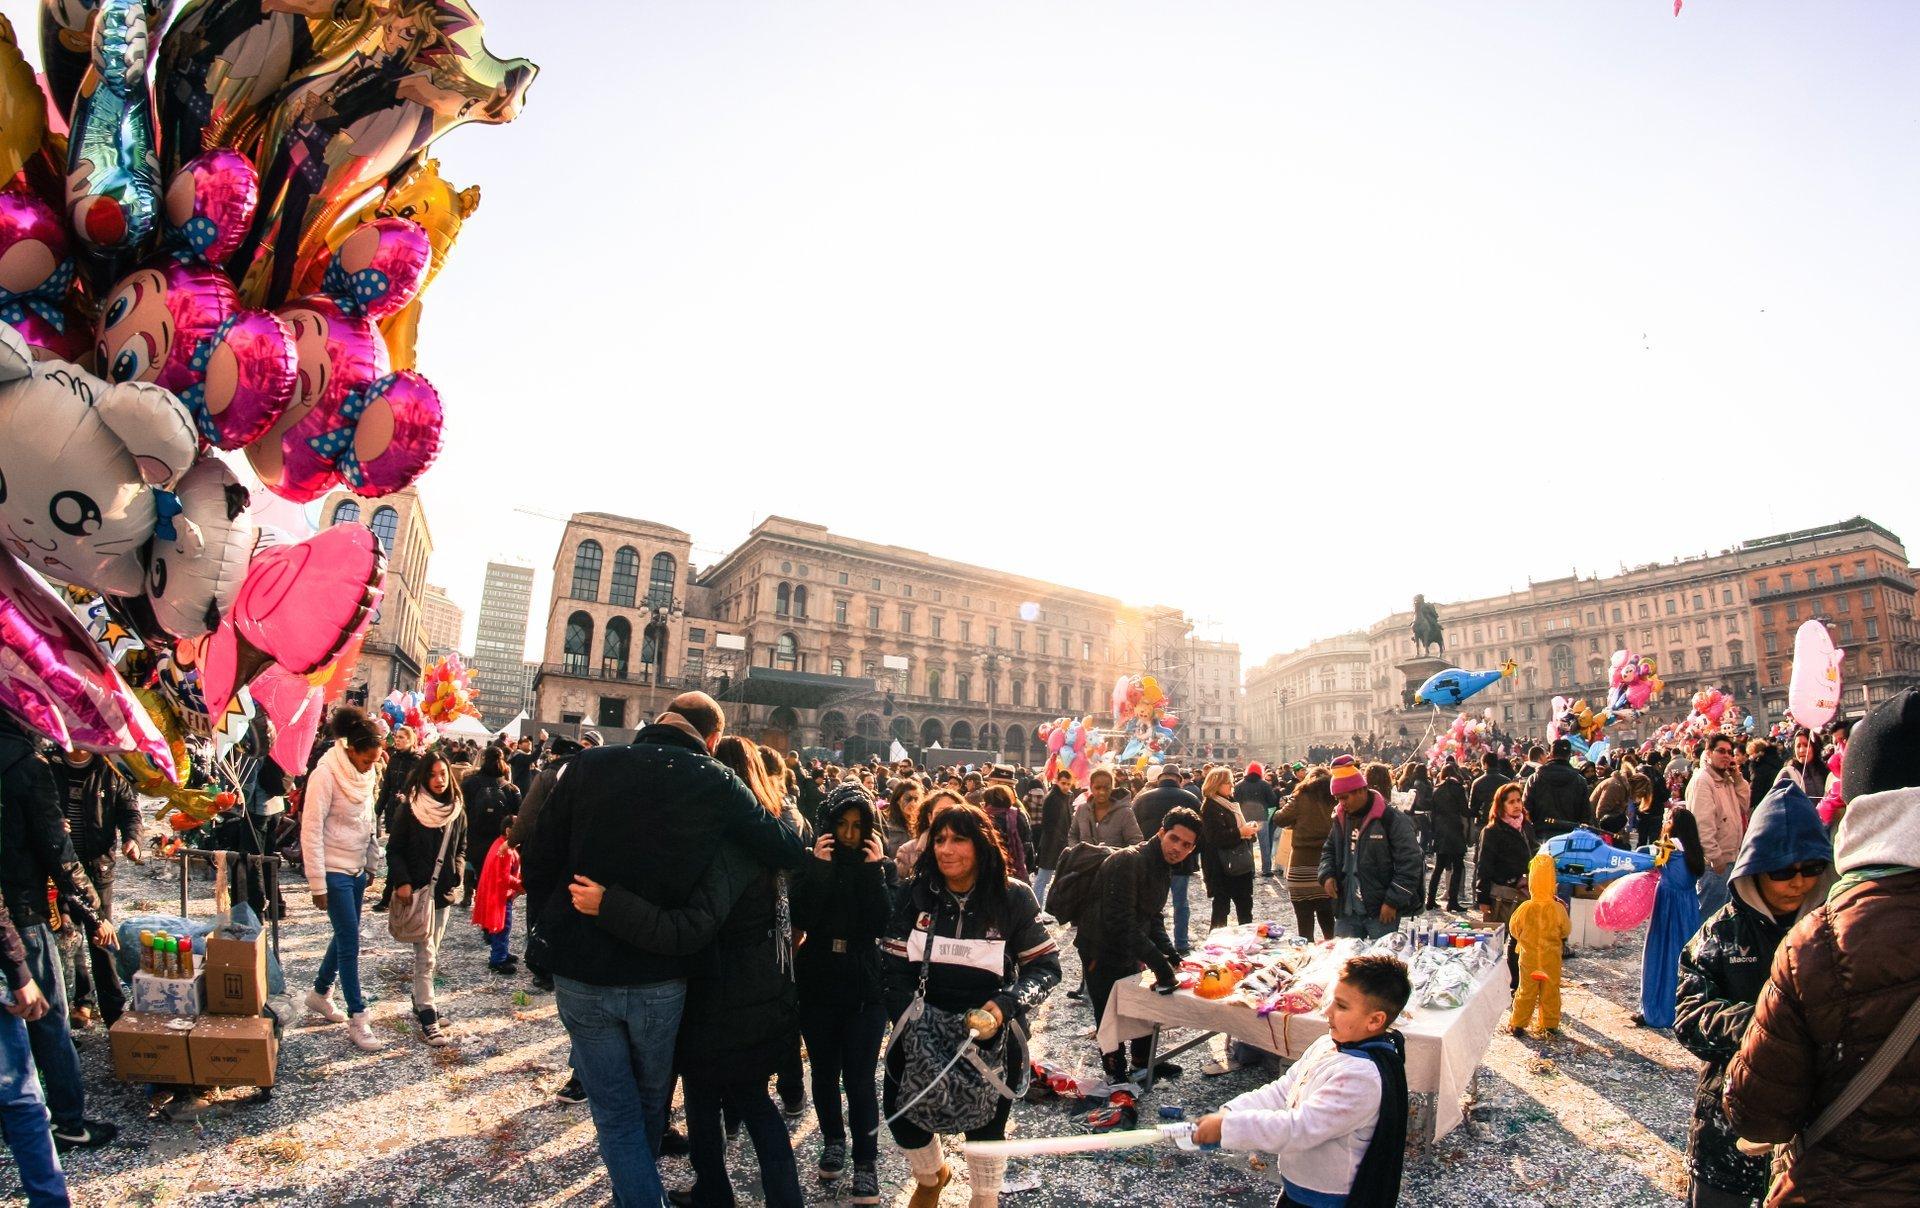 Ambrosian Carnival in Milan - Best Season 2019